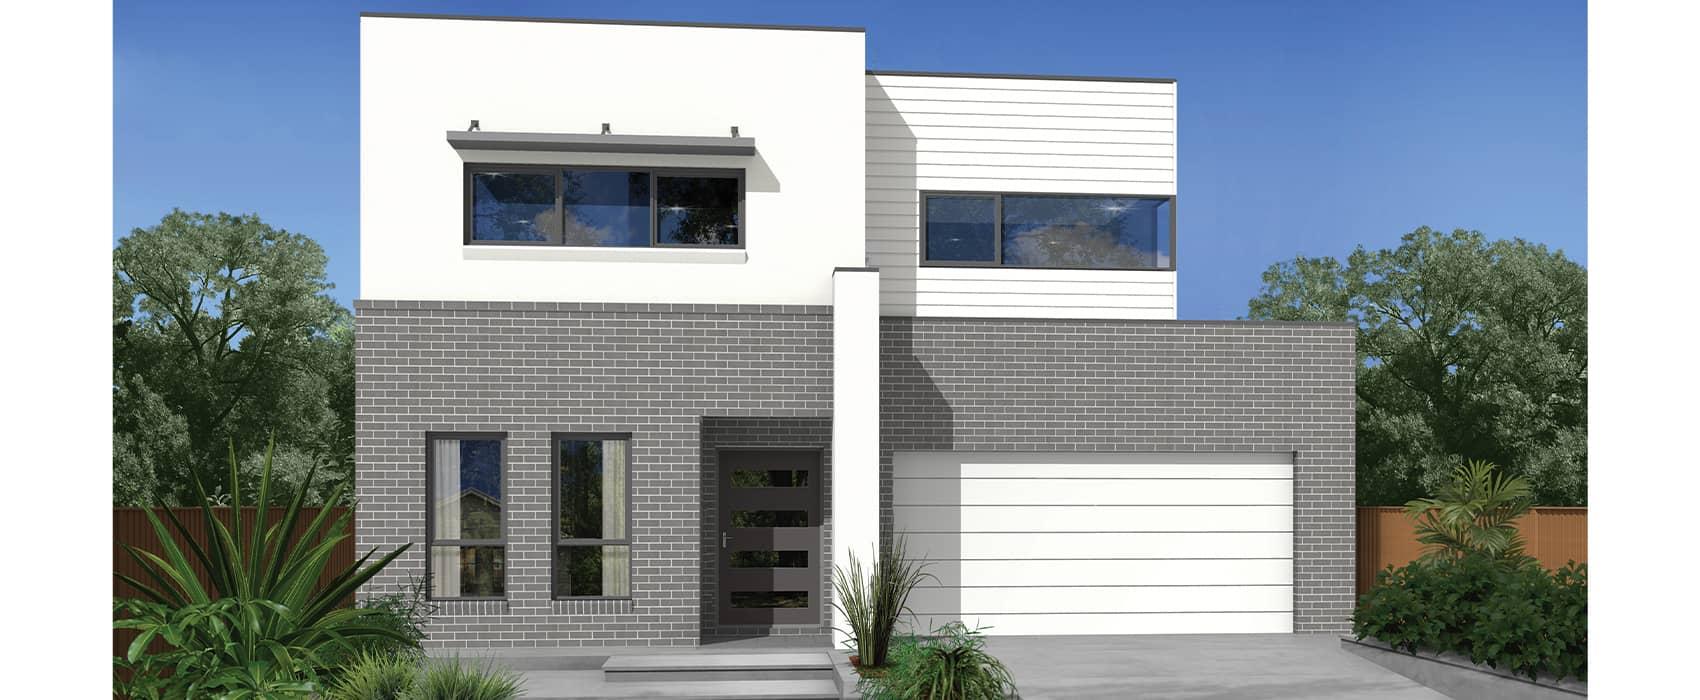 Advance Home Design